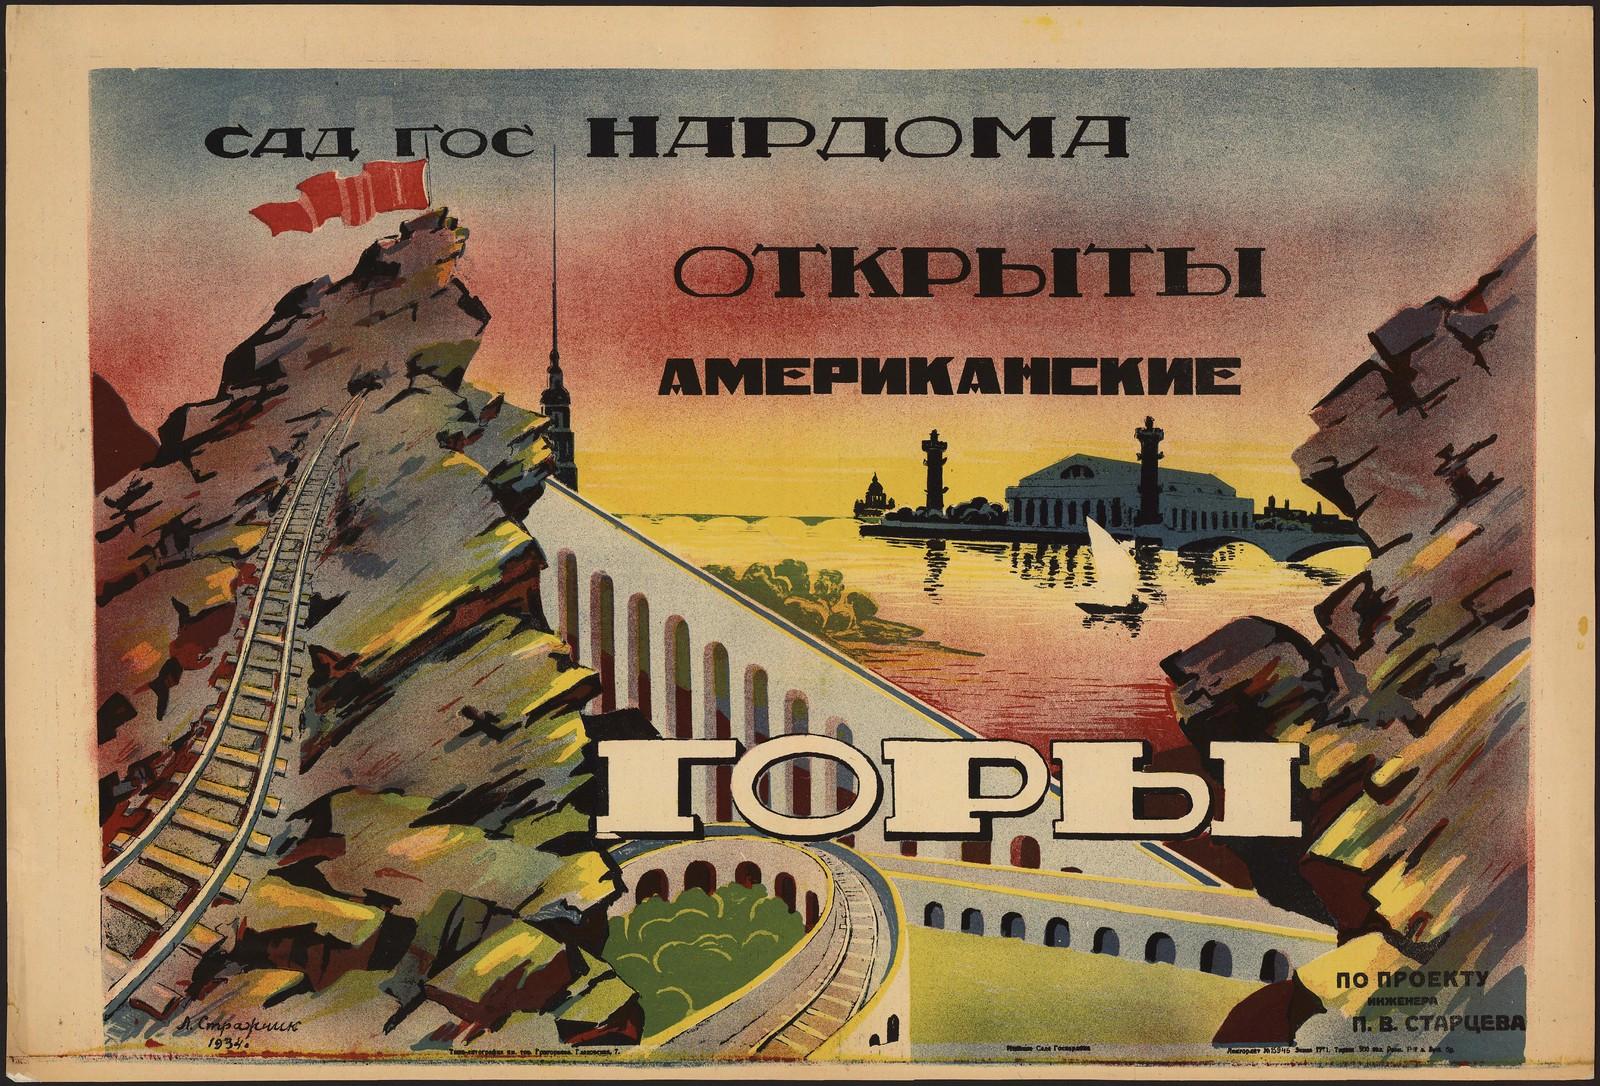 1934. Сад Гос Нардома. Открыты американские горы